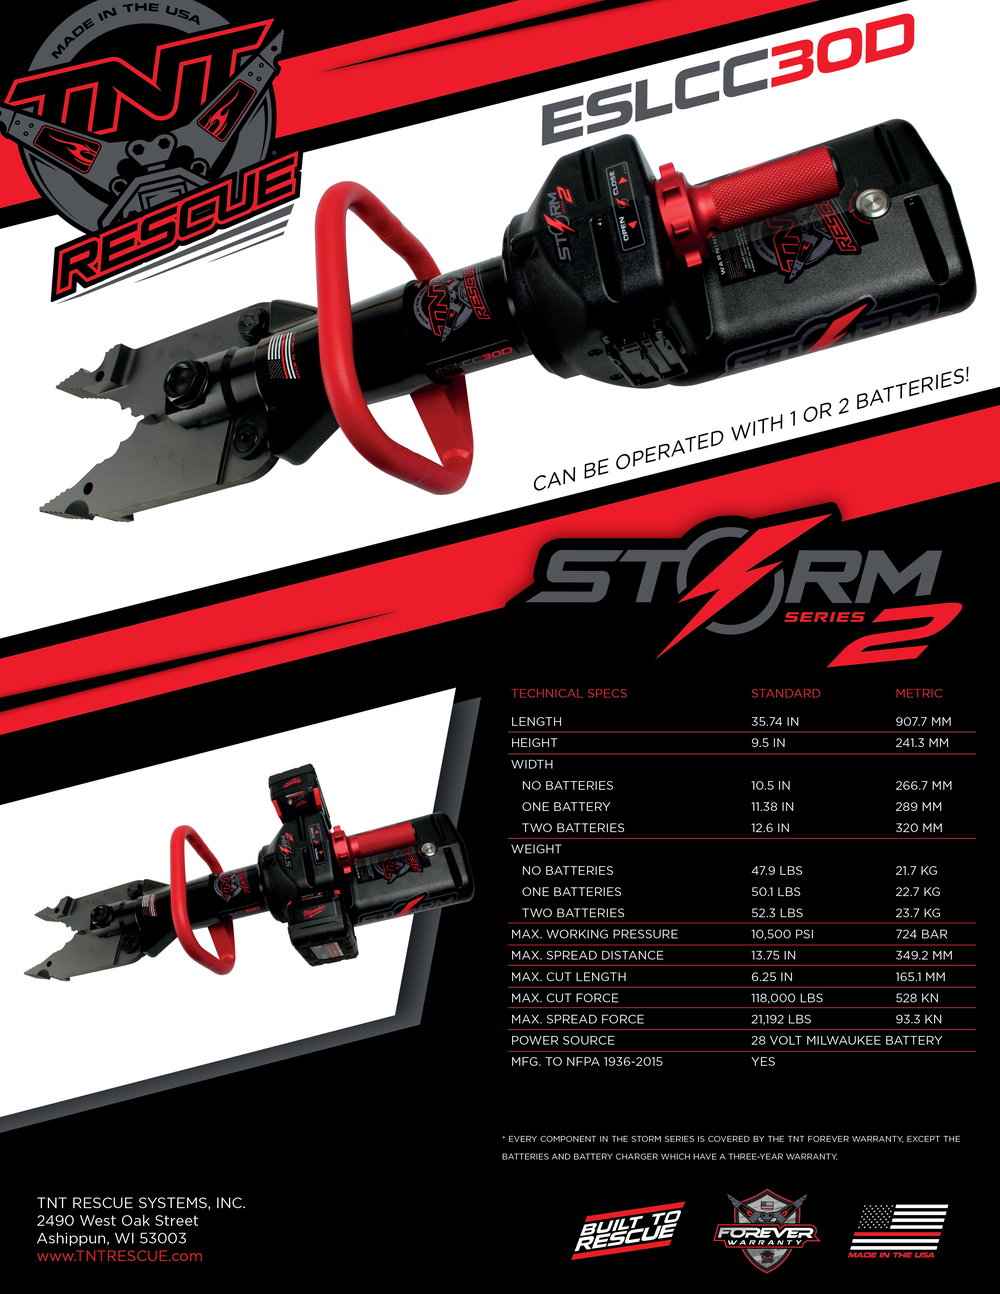 TNT-Spec-sheet-ESLCC30D.png